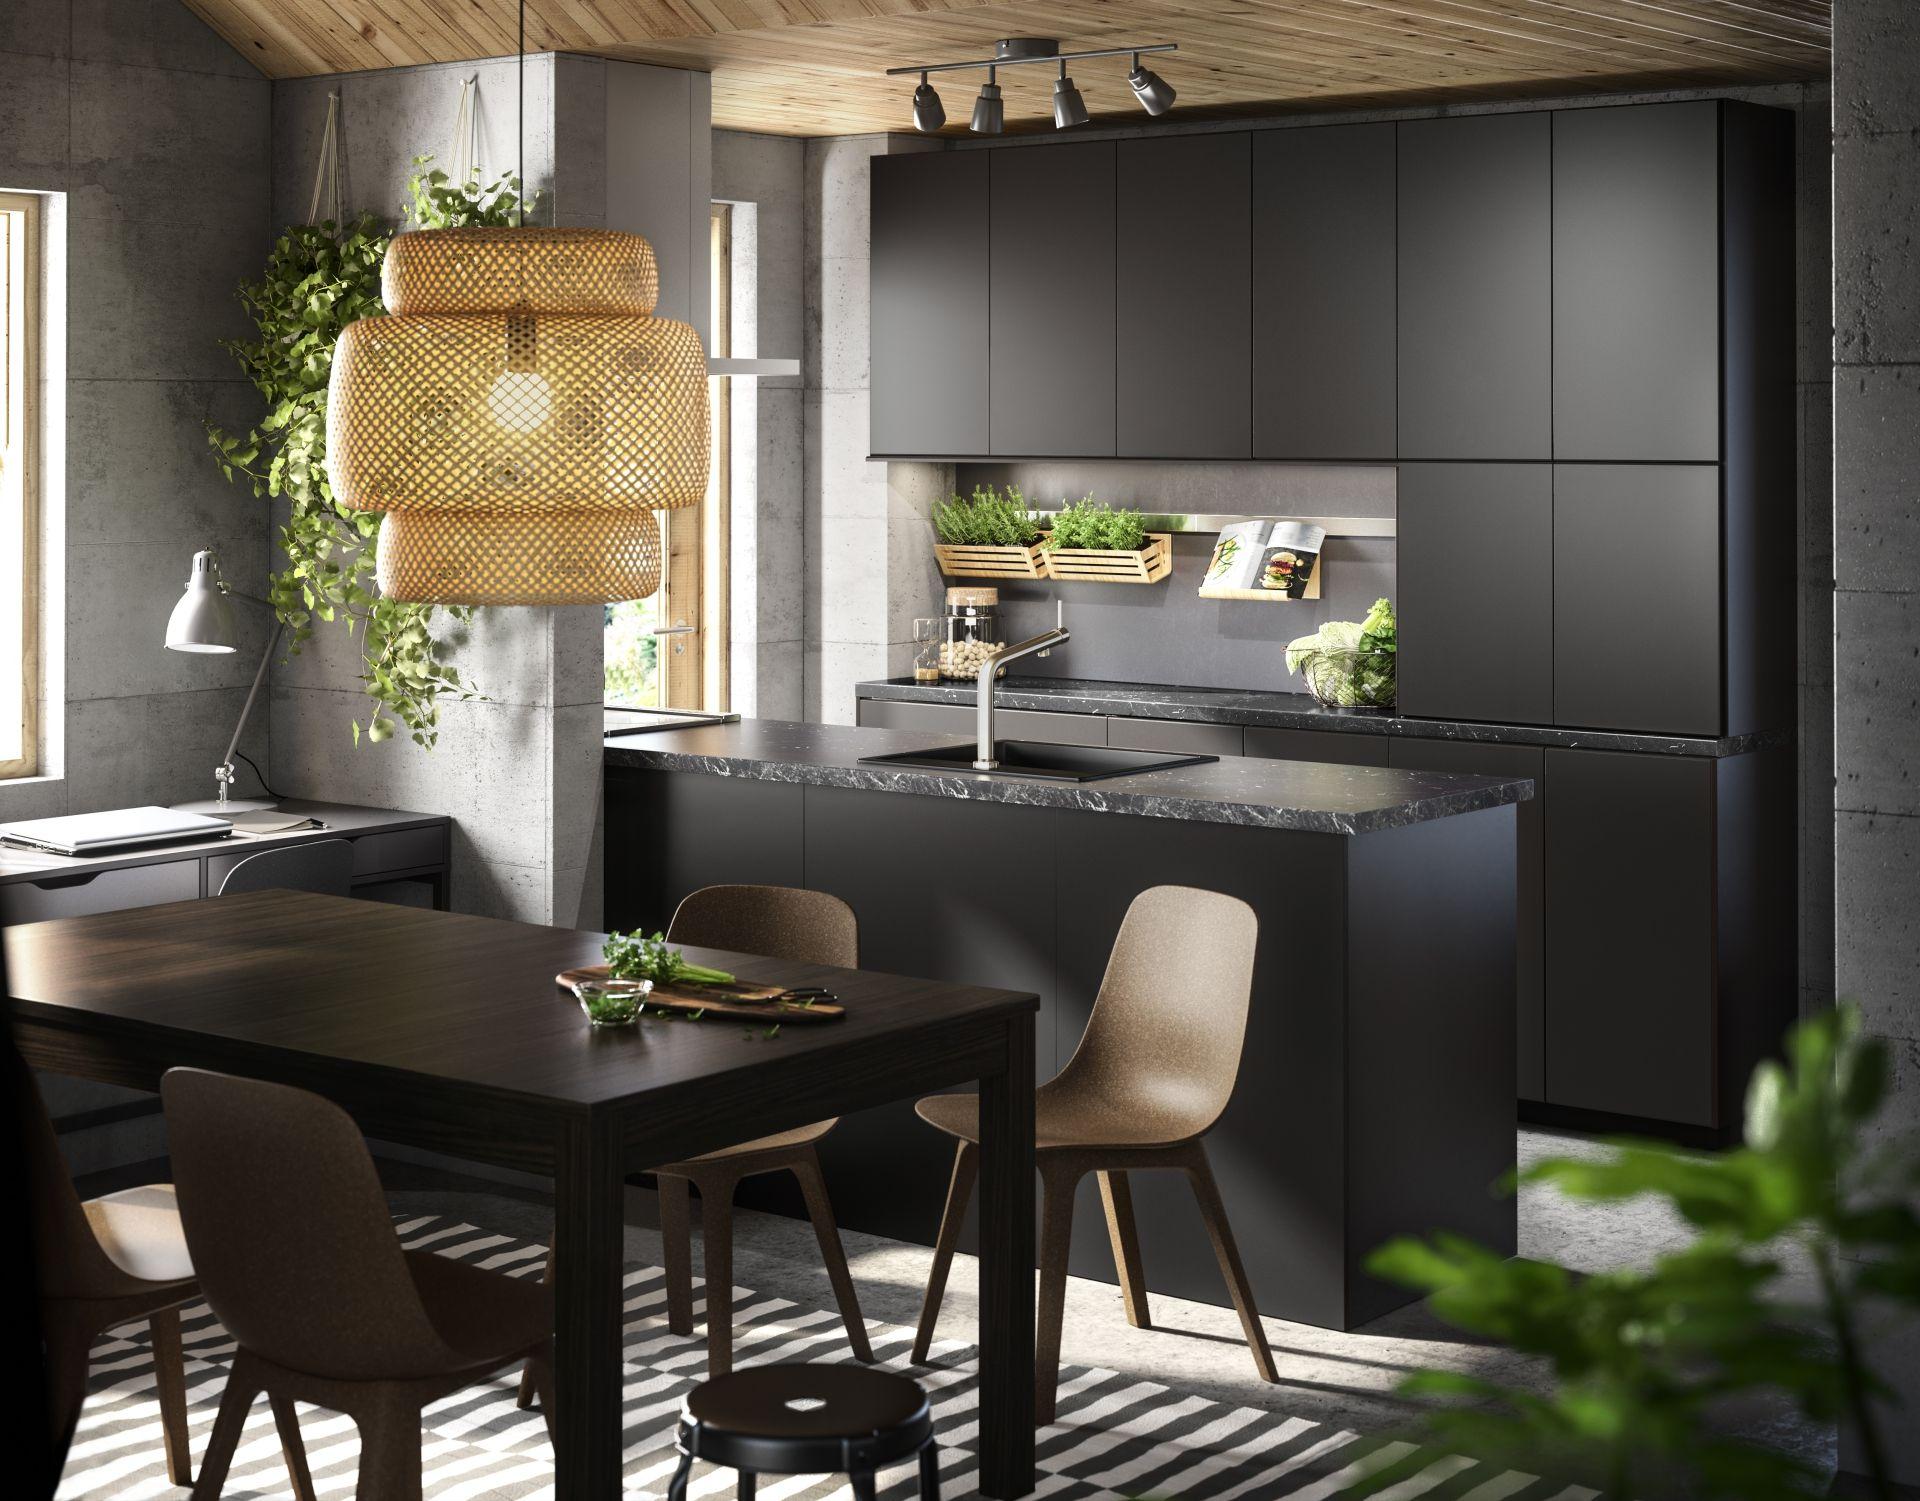 metodkungsbacka keuken ikea ikeanl ikeanederland inspiratie wooninspiratie interieur wooninterieur duurzaam pet natuurlijk kwaliteit antraciet zwart